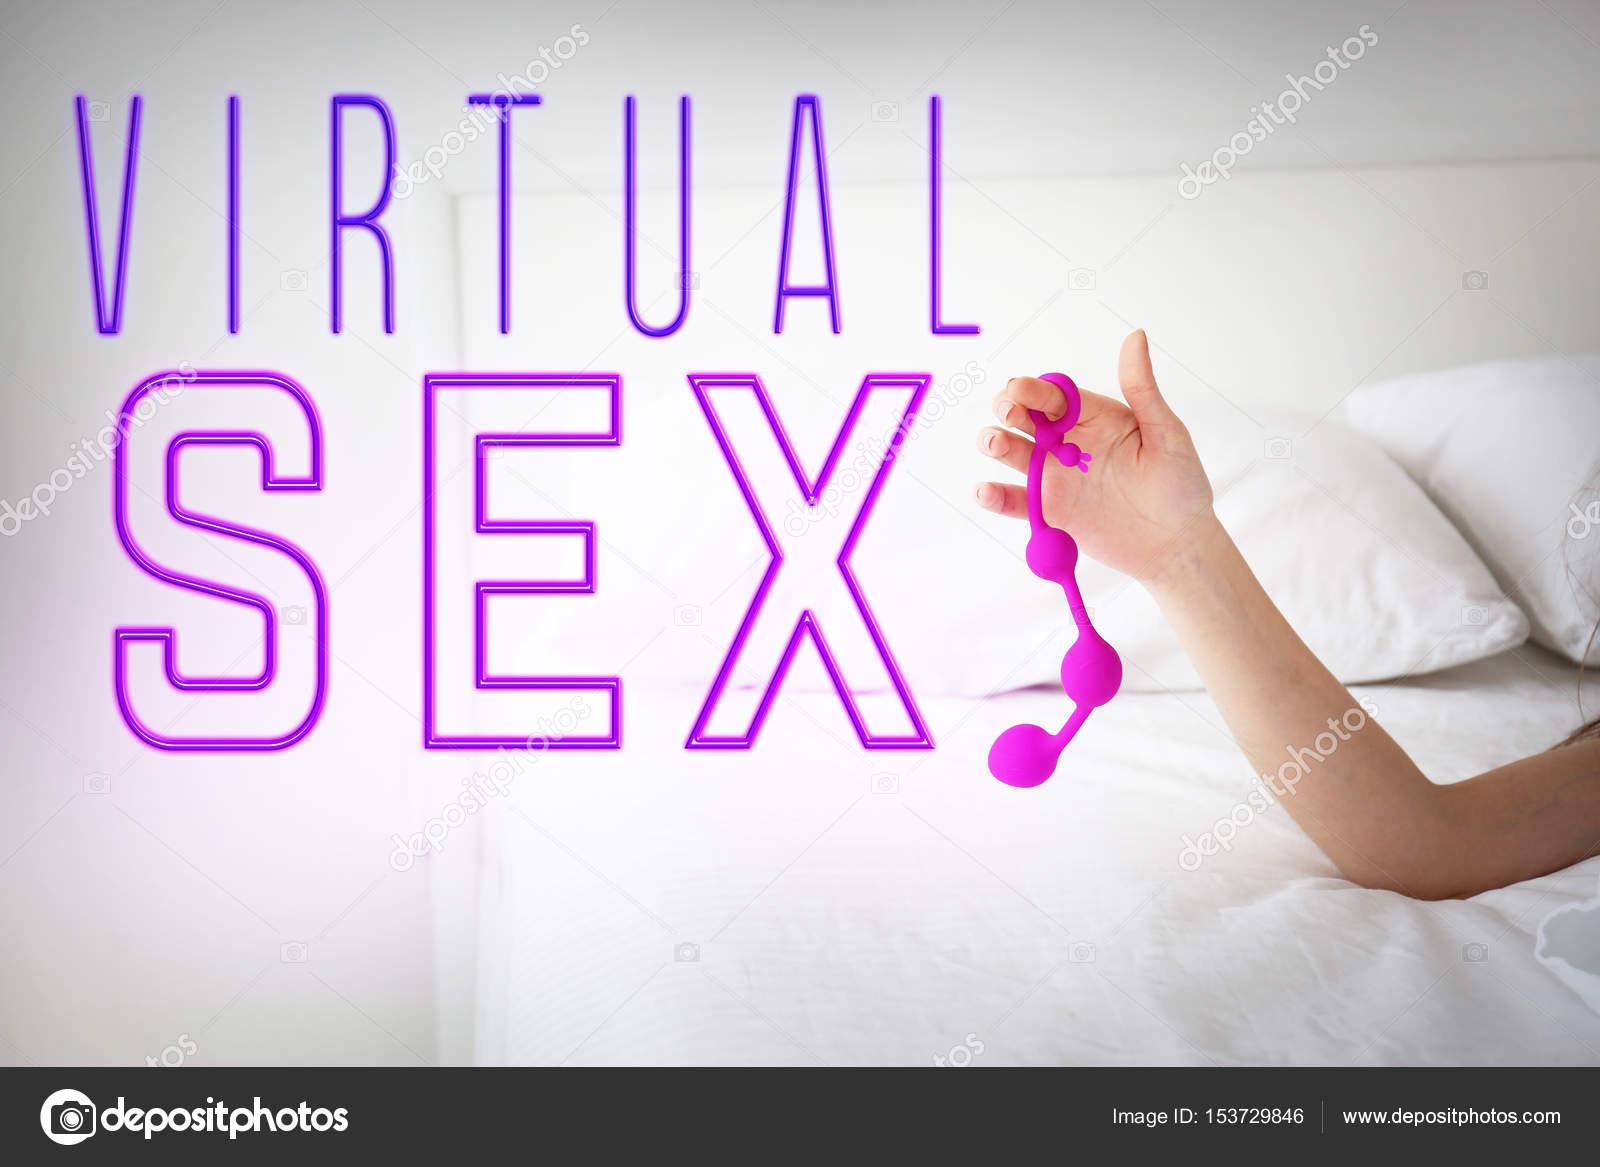 Λεσβιακές ιστορίες σεξ που θα σας κάνουν να βραχεί